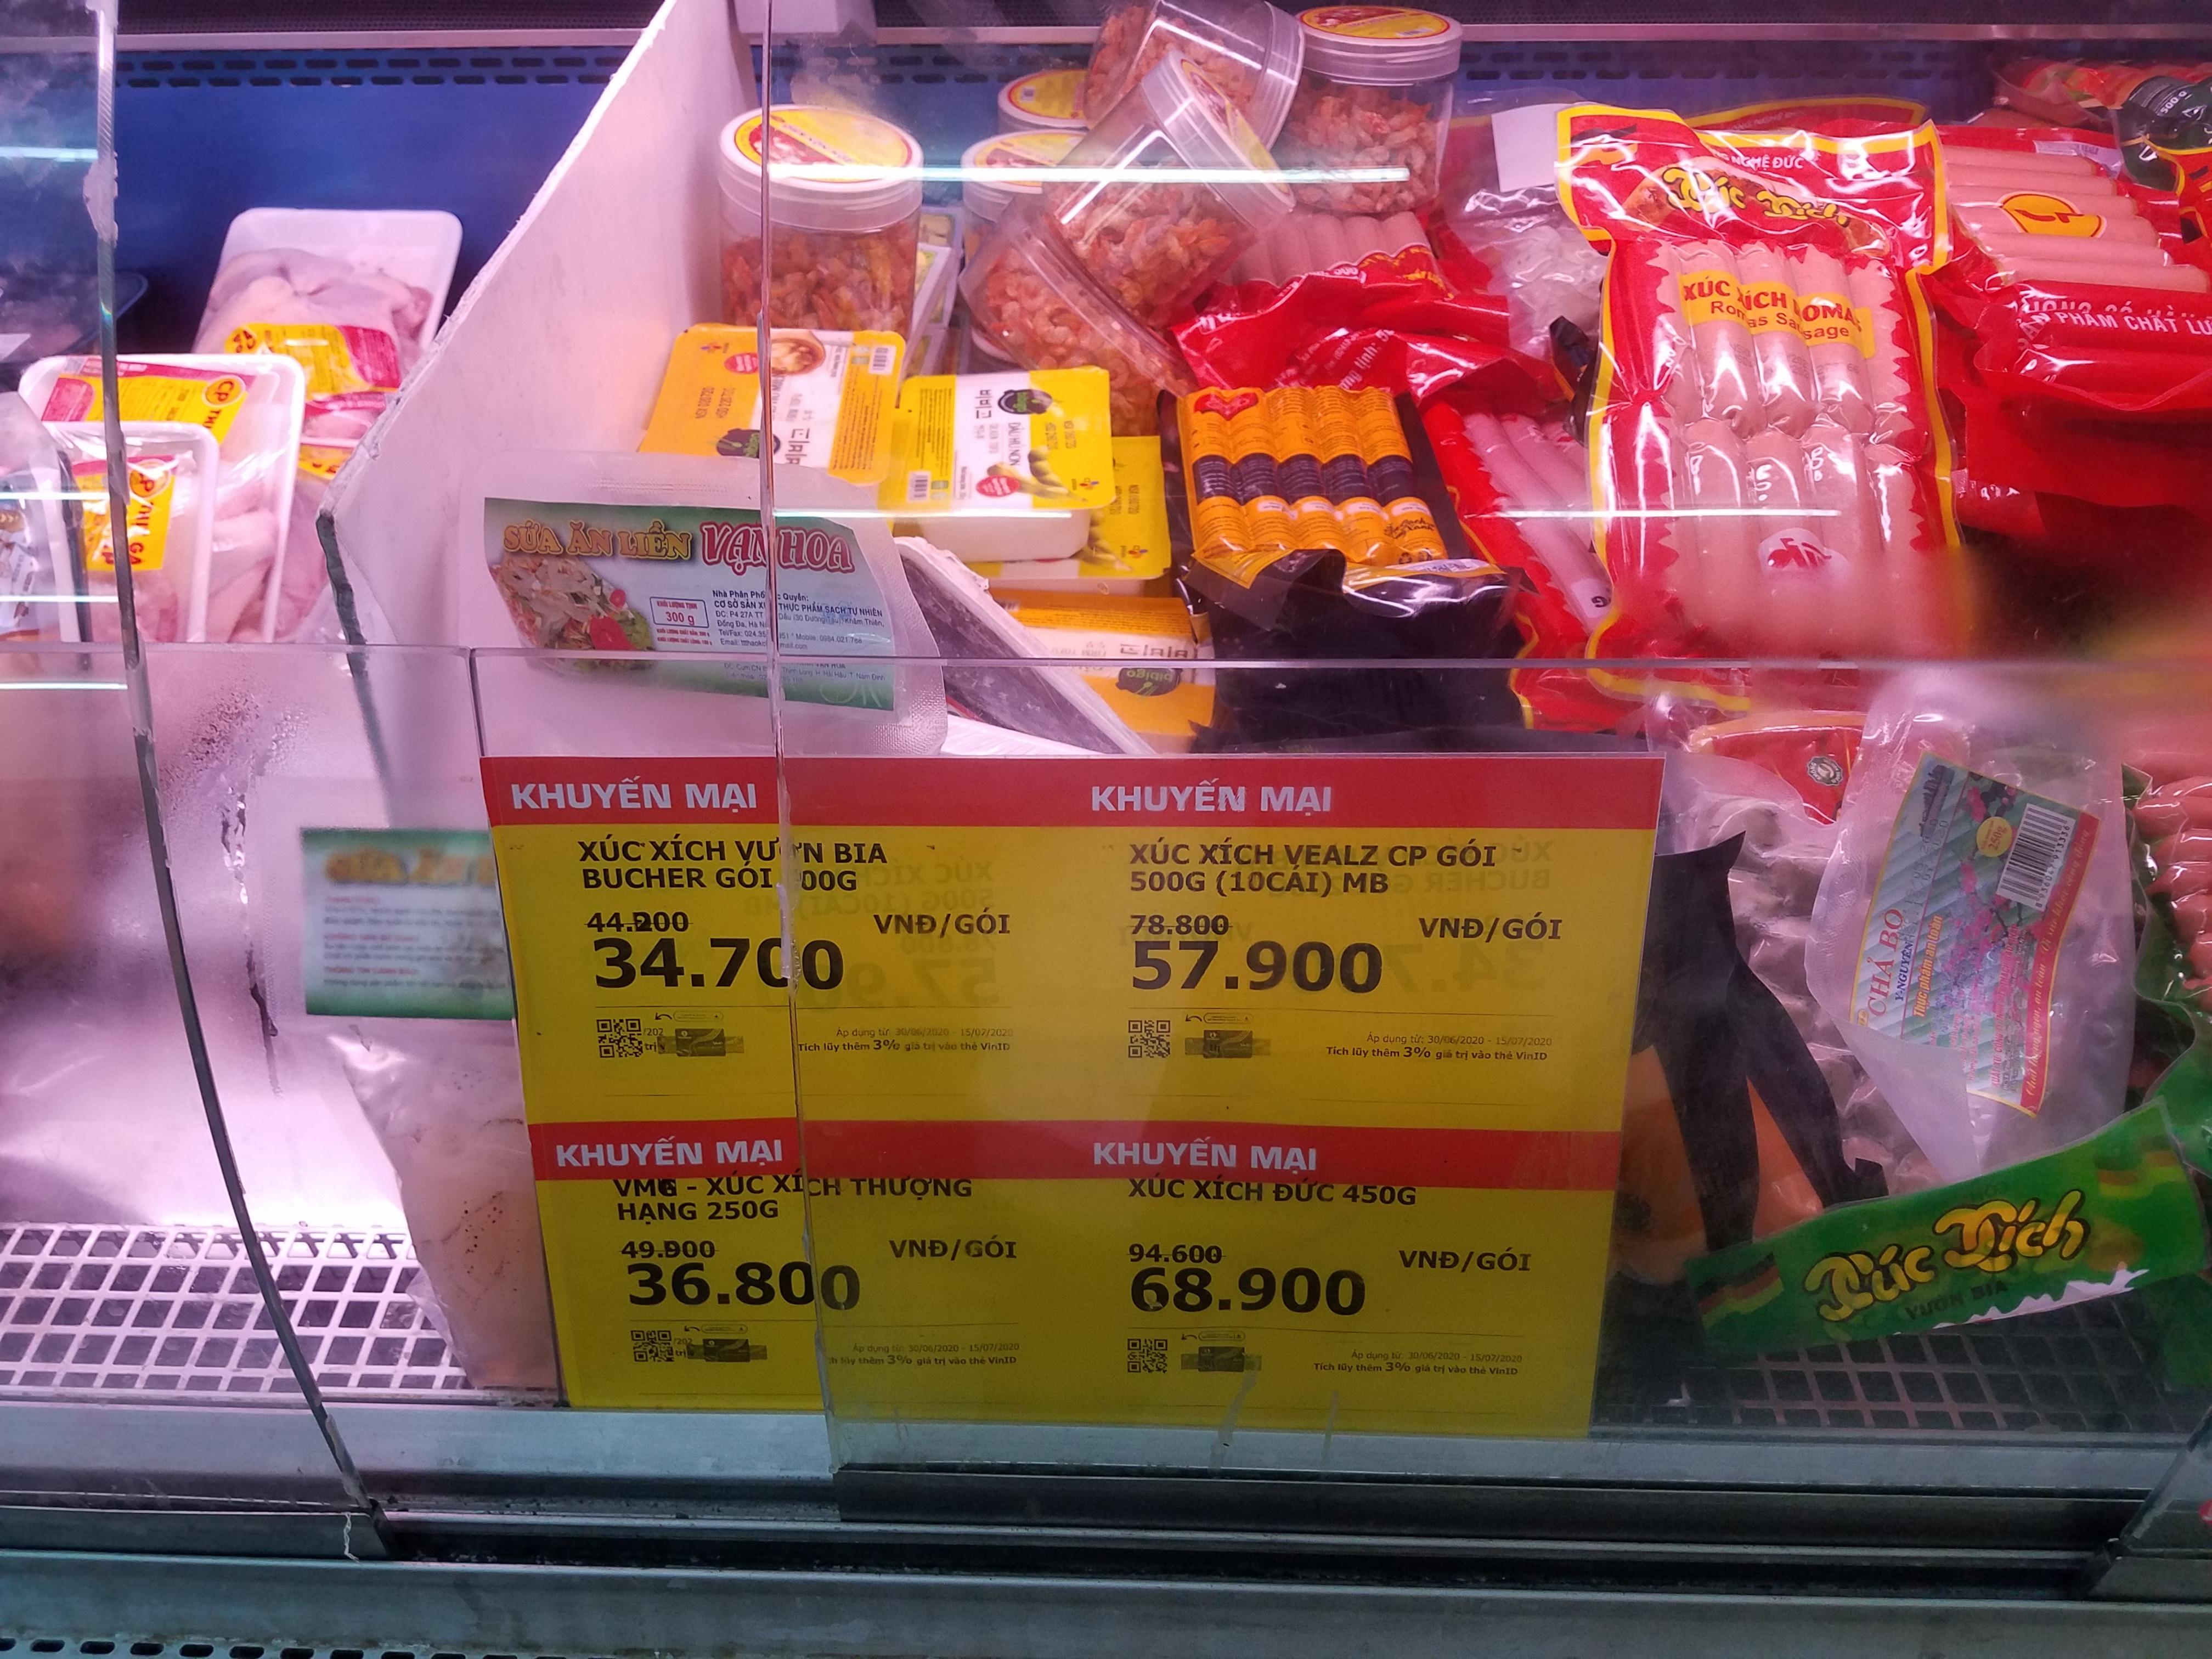 Vinmart, Lotte giảm giá sâu tới 70% các mặt hàng trong Tháng khuyến mại tập trung quốc gia - Ảnh 4.